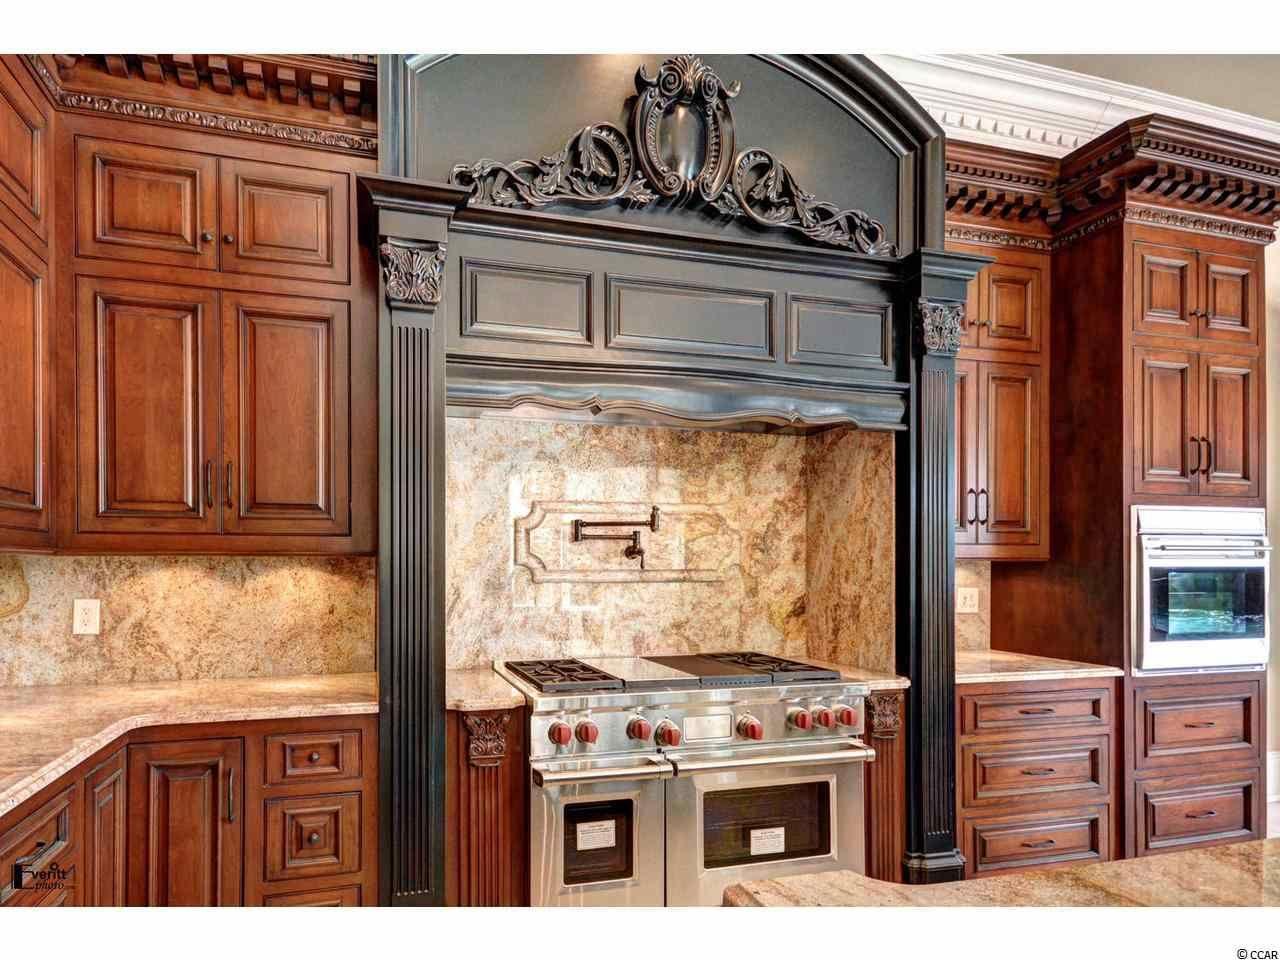 9881 Bellasera Cir Myrtle Beach Sc 29579 Mls 1320731 Movoto Kitchen Inspiration Design Kitchen Design Kitchen Pictures